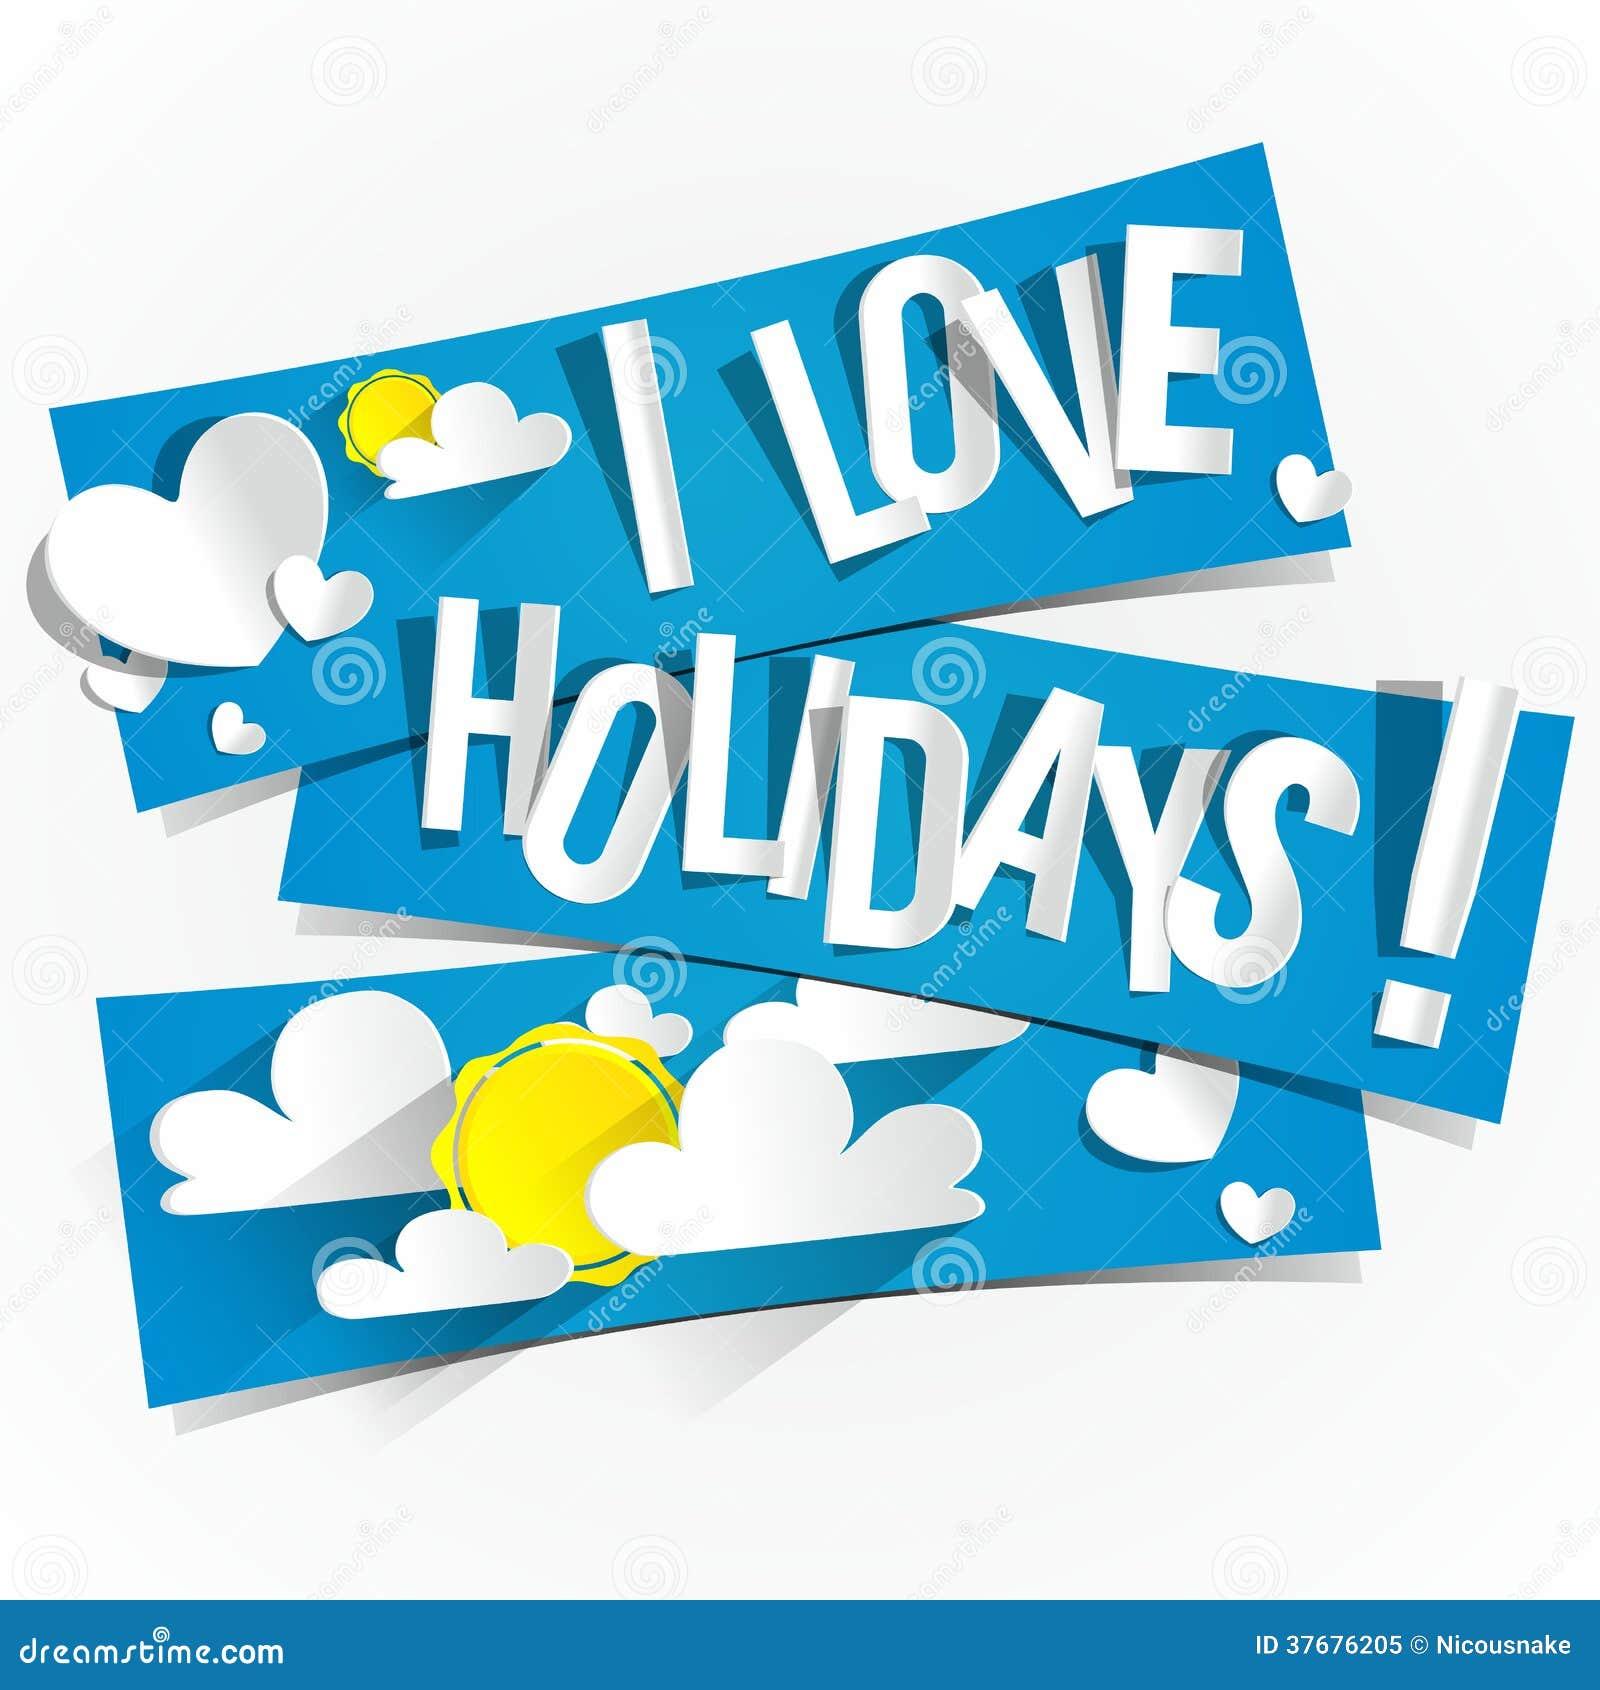 Holidays: I Love Holidays Royalty Free Stock Photo